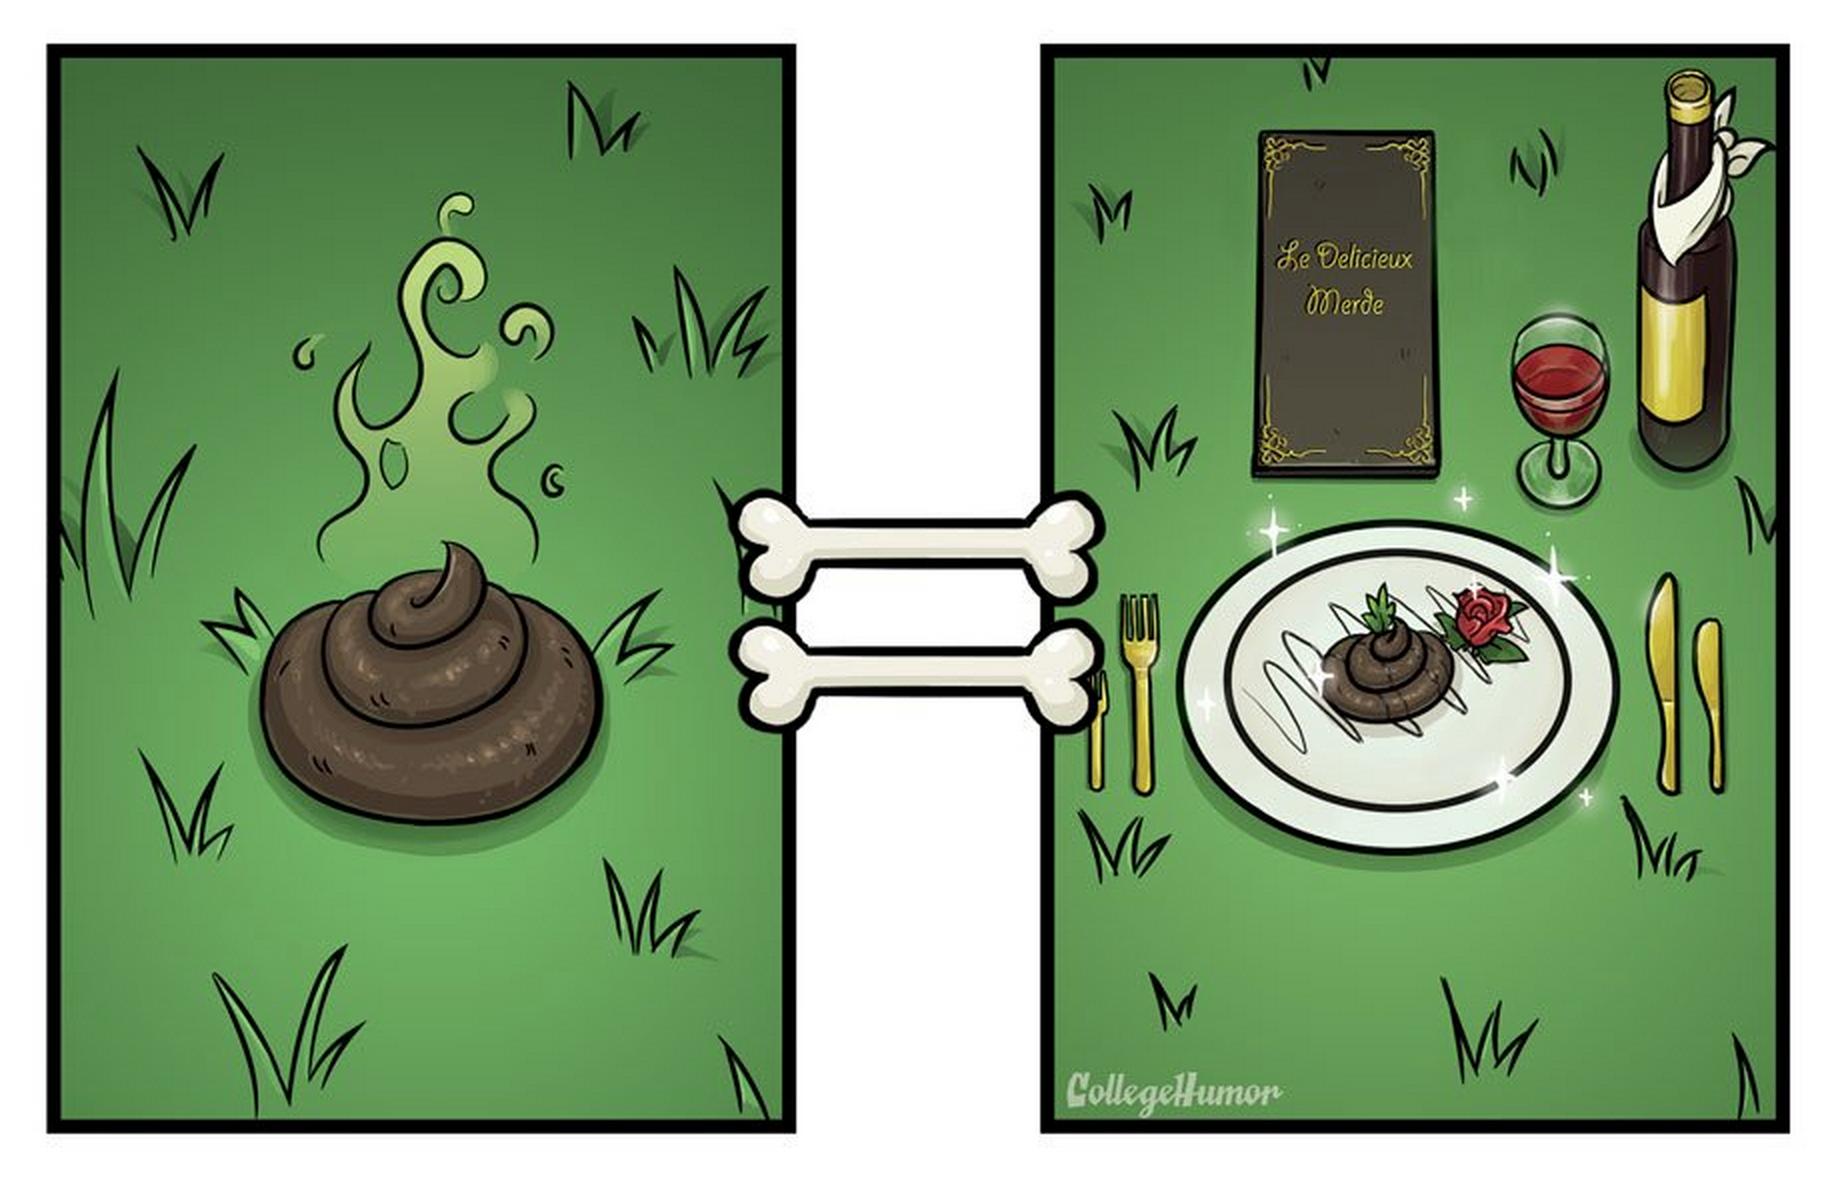 Le-délicieux-merde